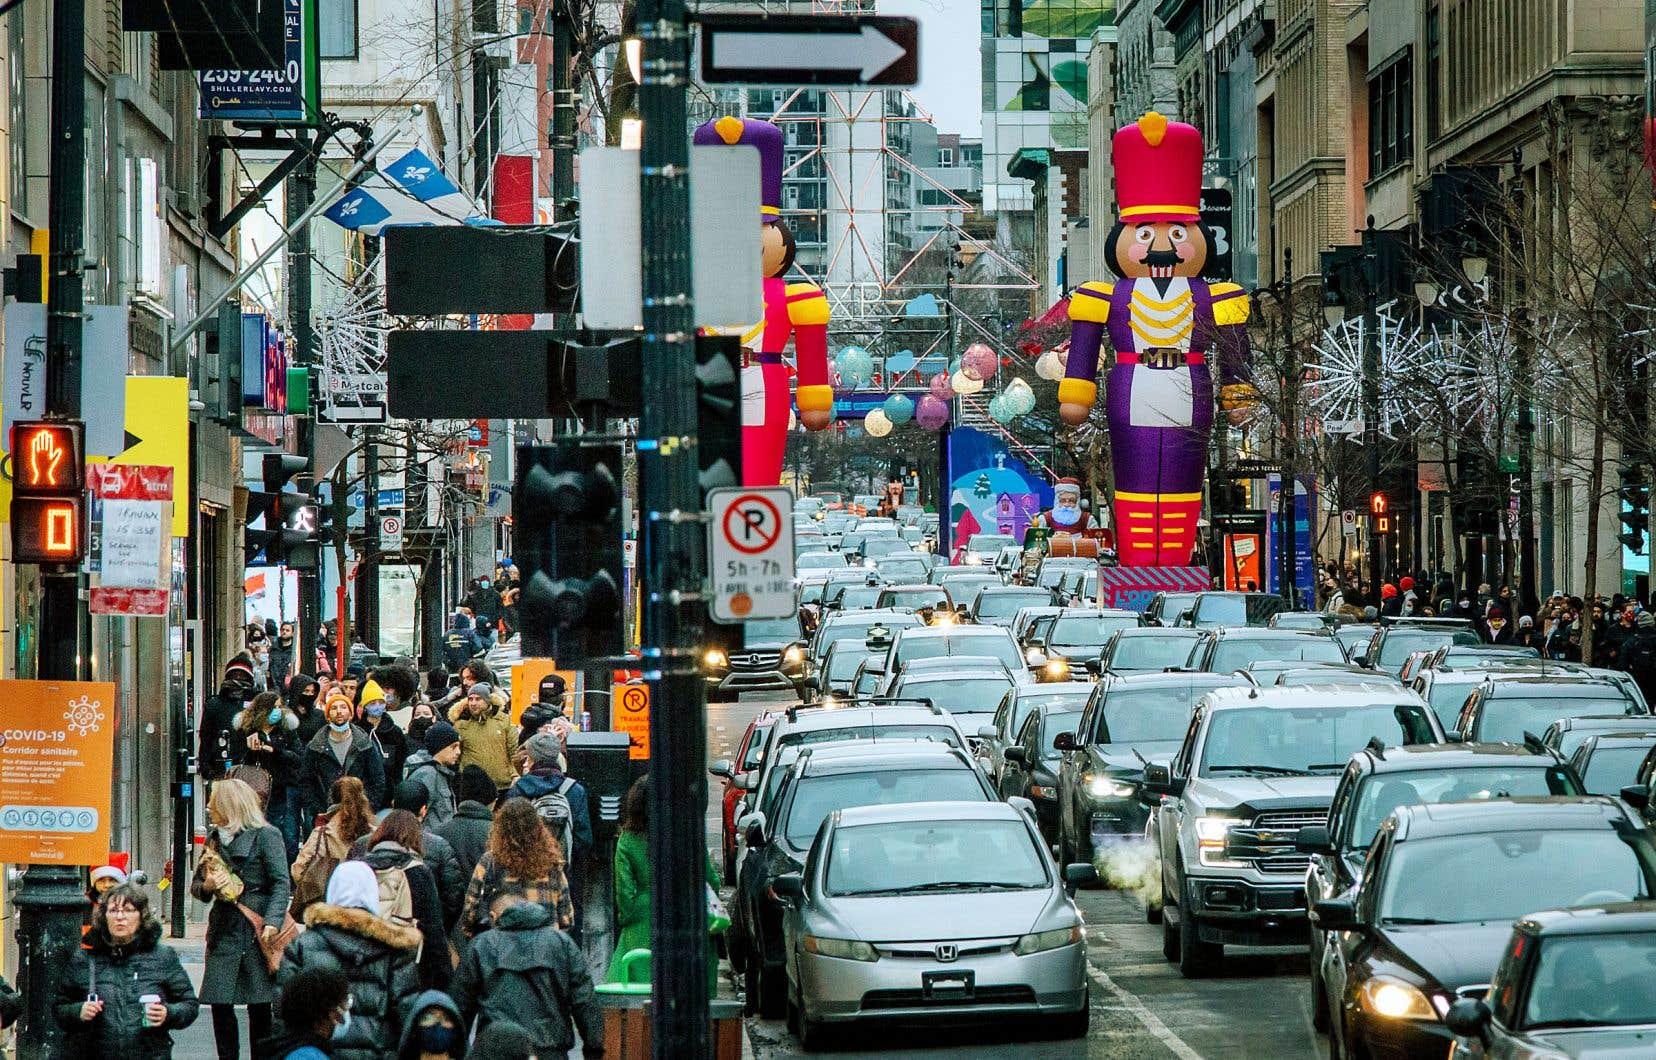 À 12 jours de Noël, la rue Sainte-Catherine bourdonnait dimanche, tandis que les nouveaux cas de COVID-19 avoisinaient les 2000.